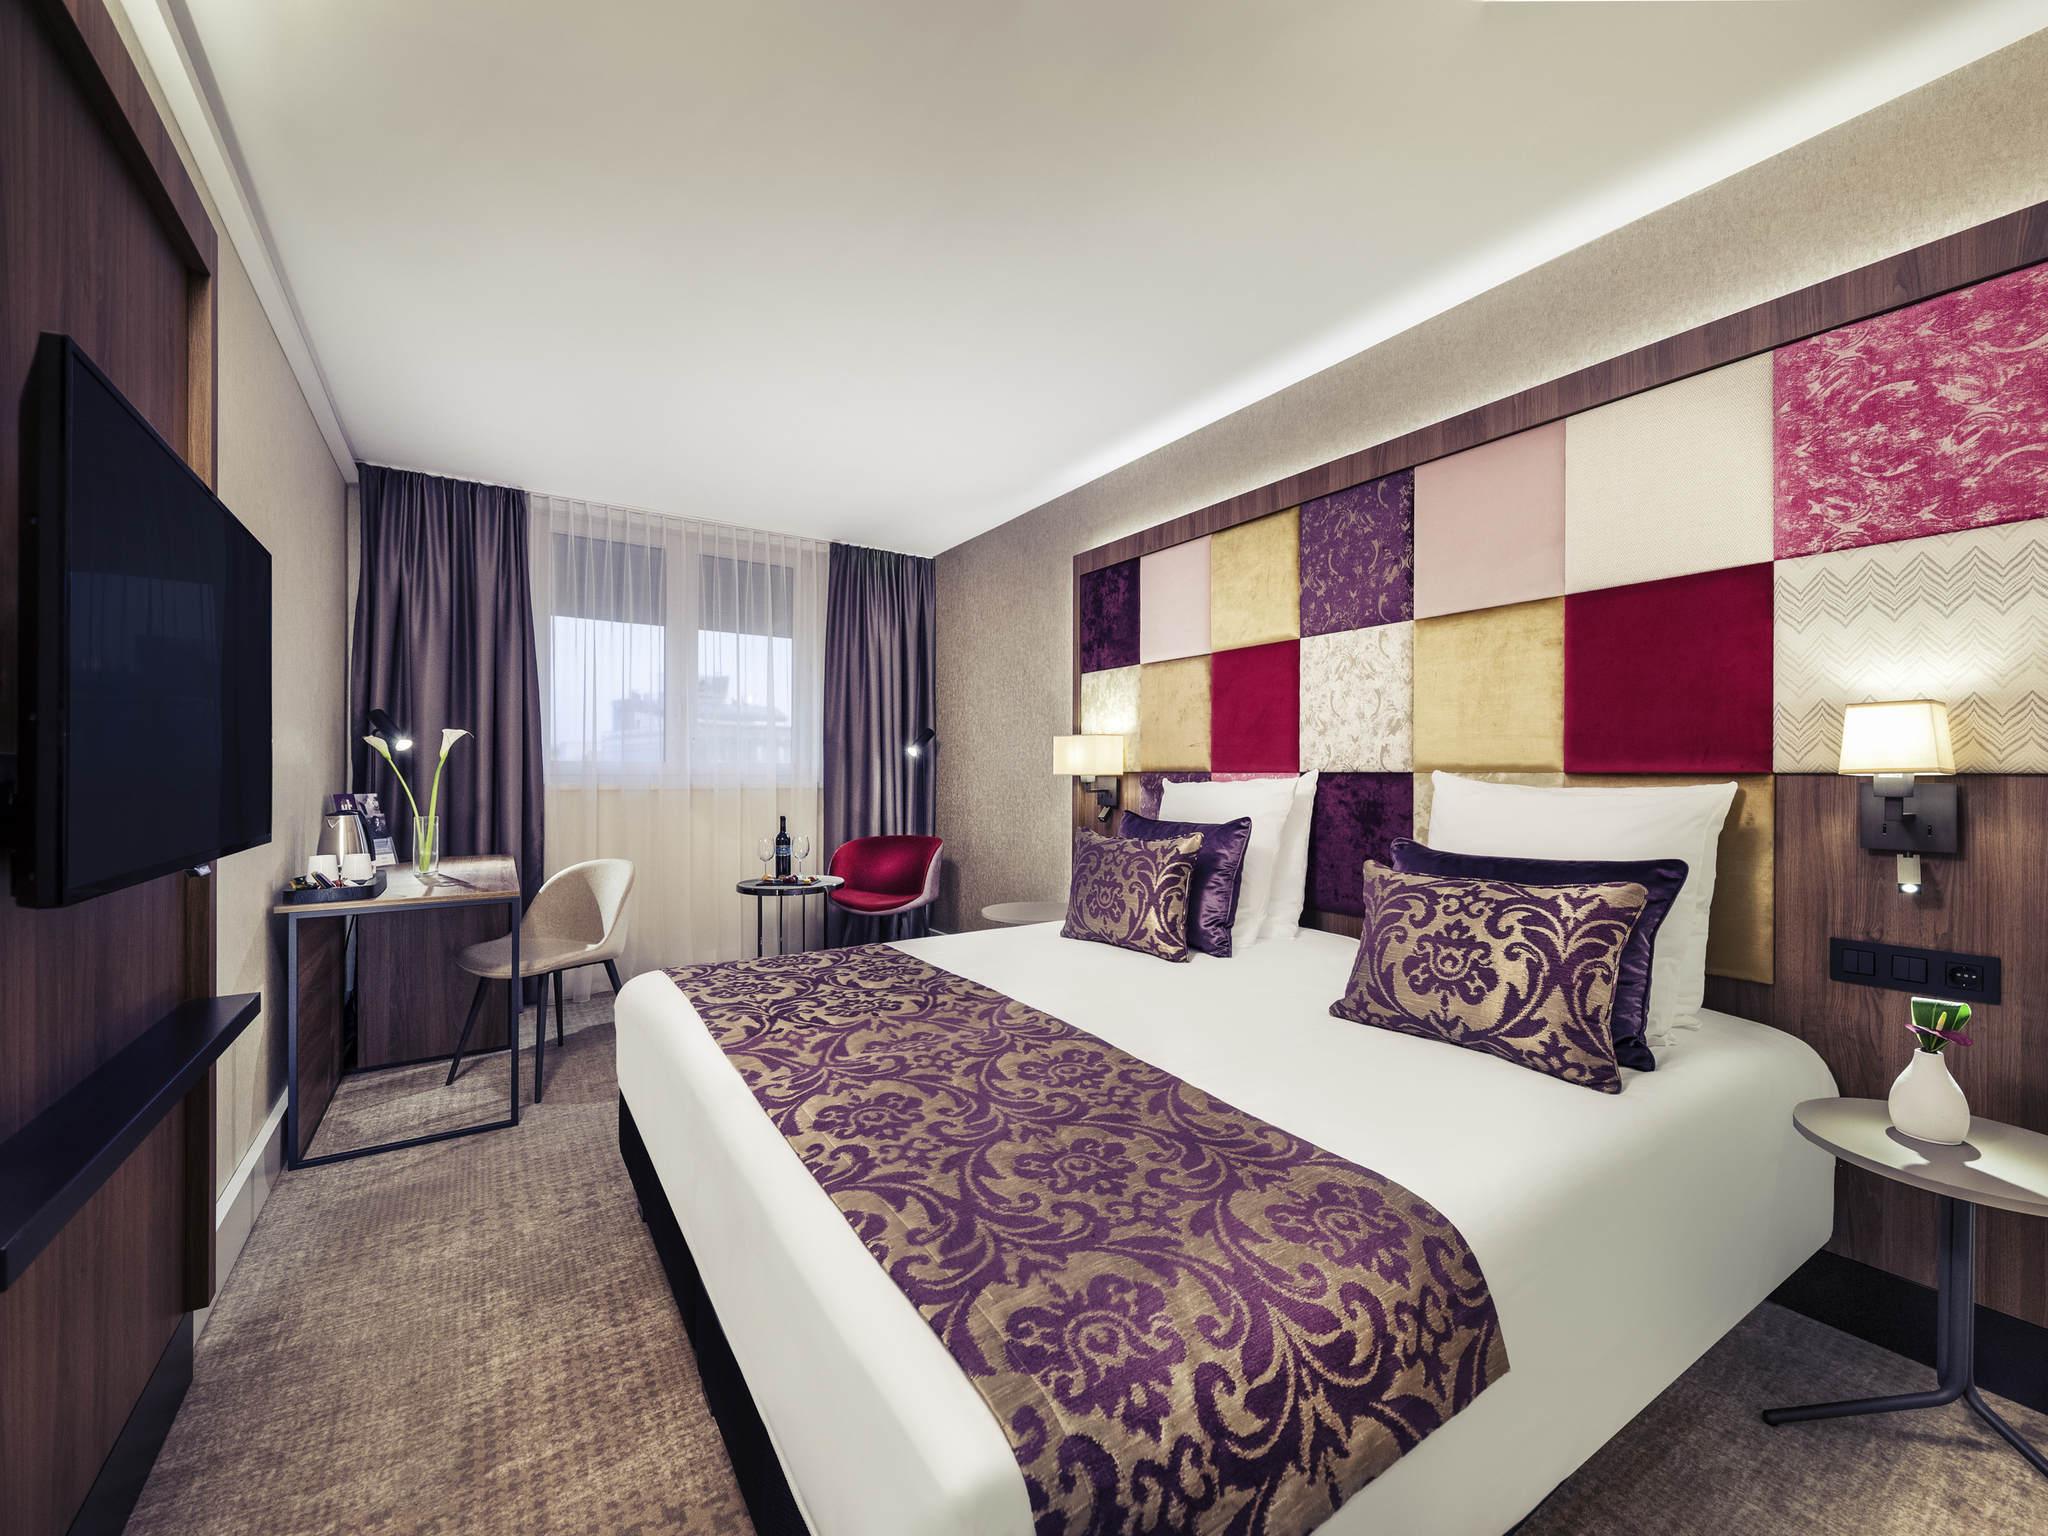 ホテル – メルキュールブダペストコローナホテル